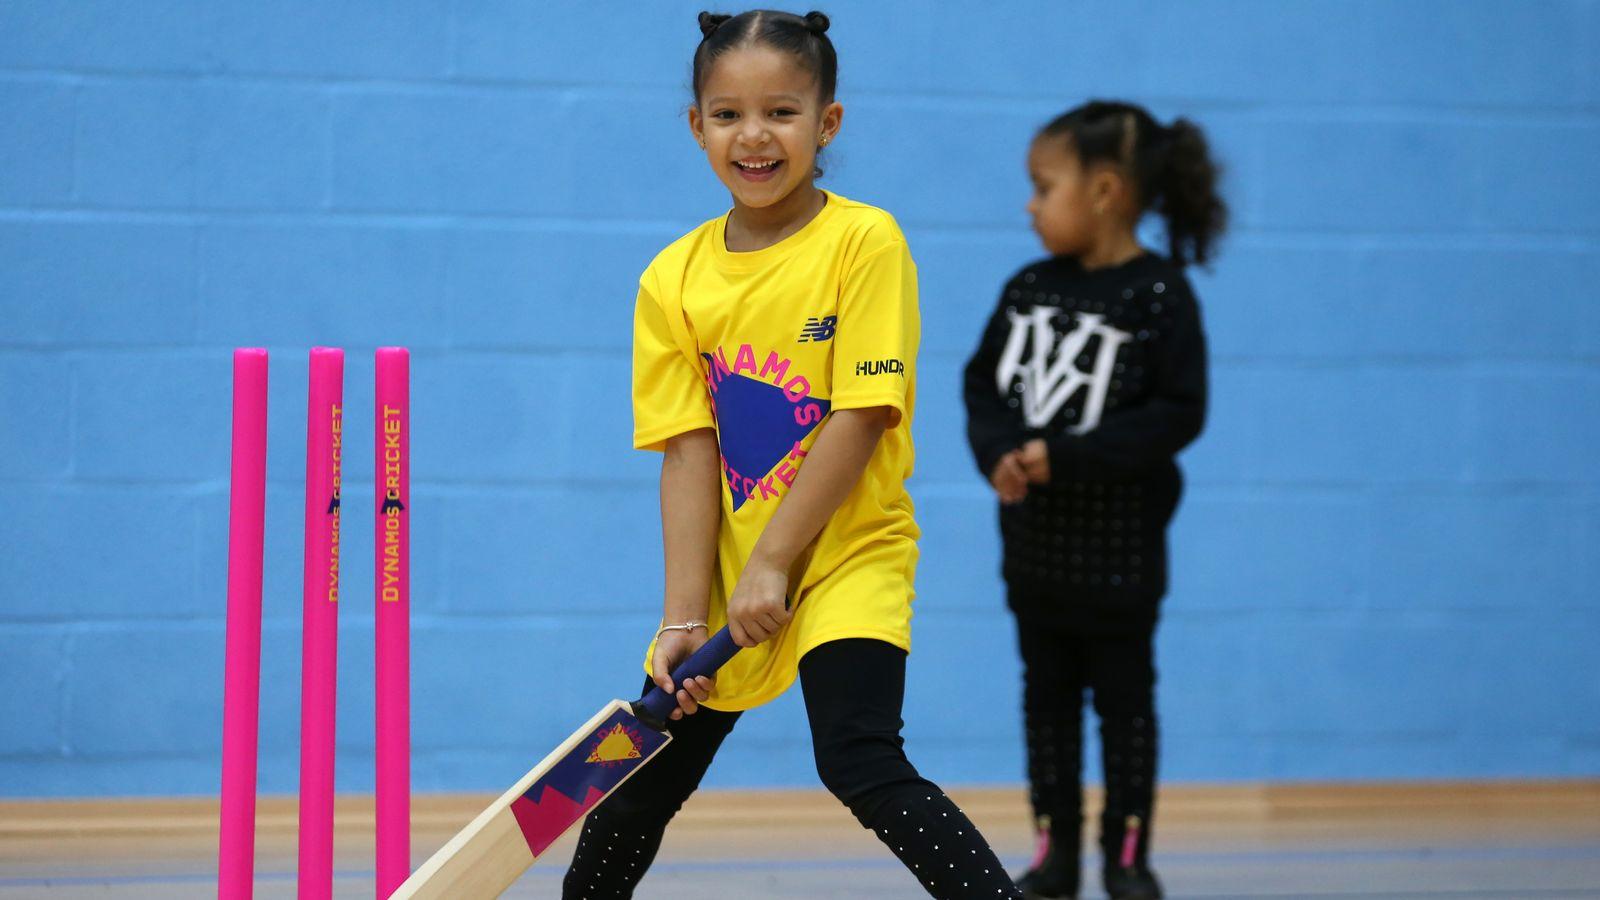 Dynamos Cricket: Seis cosas clave que debes saber sobre la nueva iniciativa para niños de 8 a 11 años | Noticias de Cricket 16